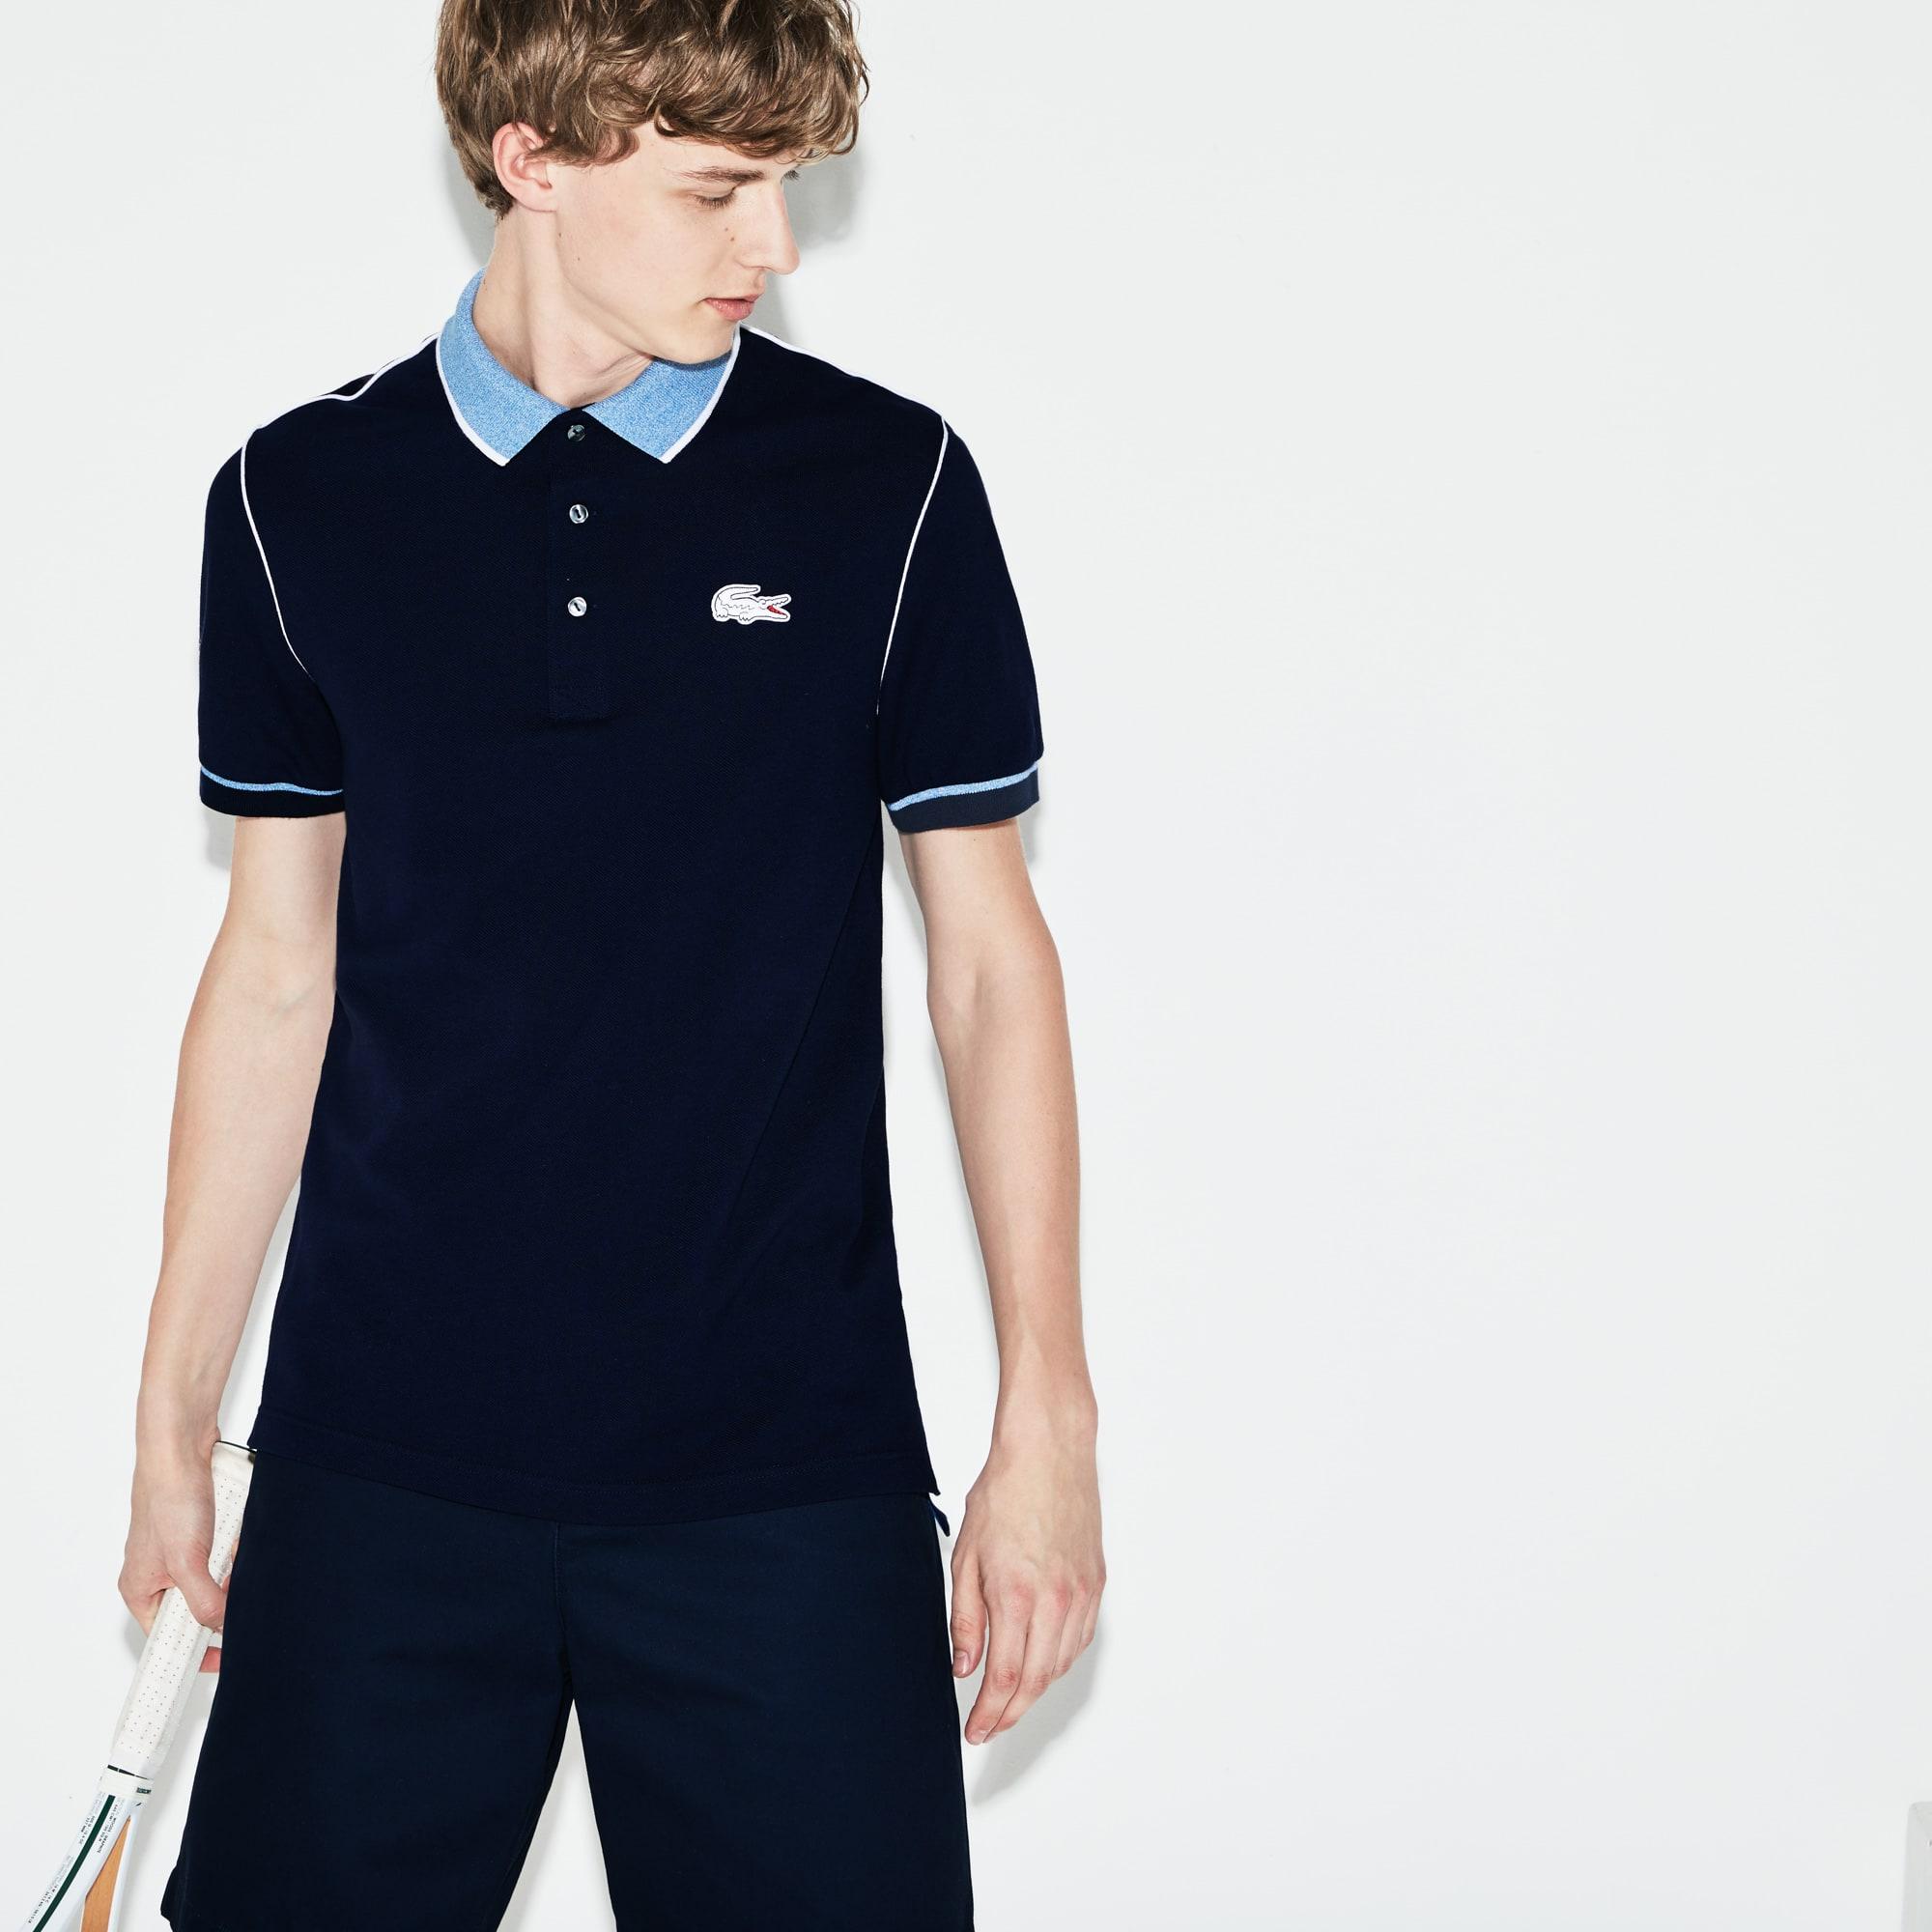 Men's Lacoste SPORT Roland Garros Edition Piped Piqué Polo Shirt